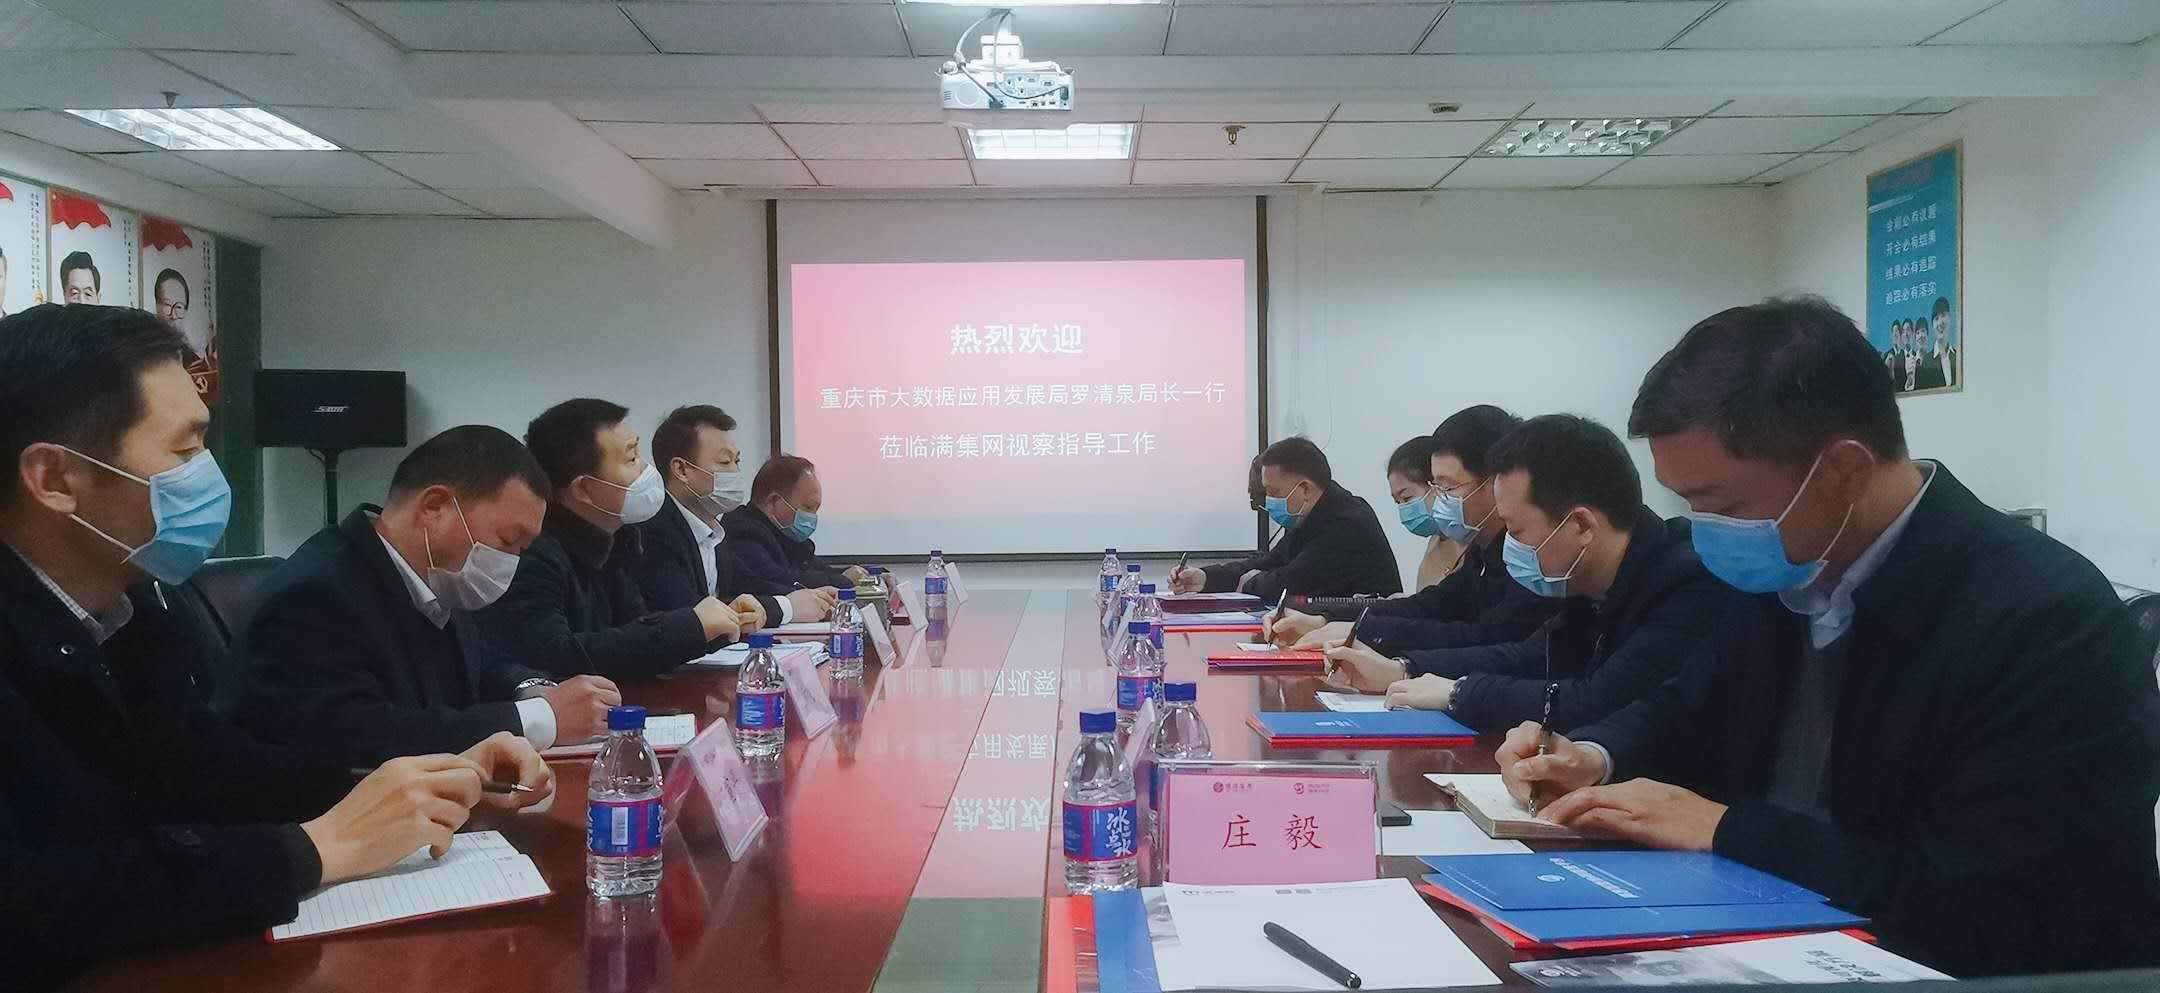 重庆市大数据应用发展管理局局长罗清泉一行莅临满集网视察指导工作